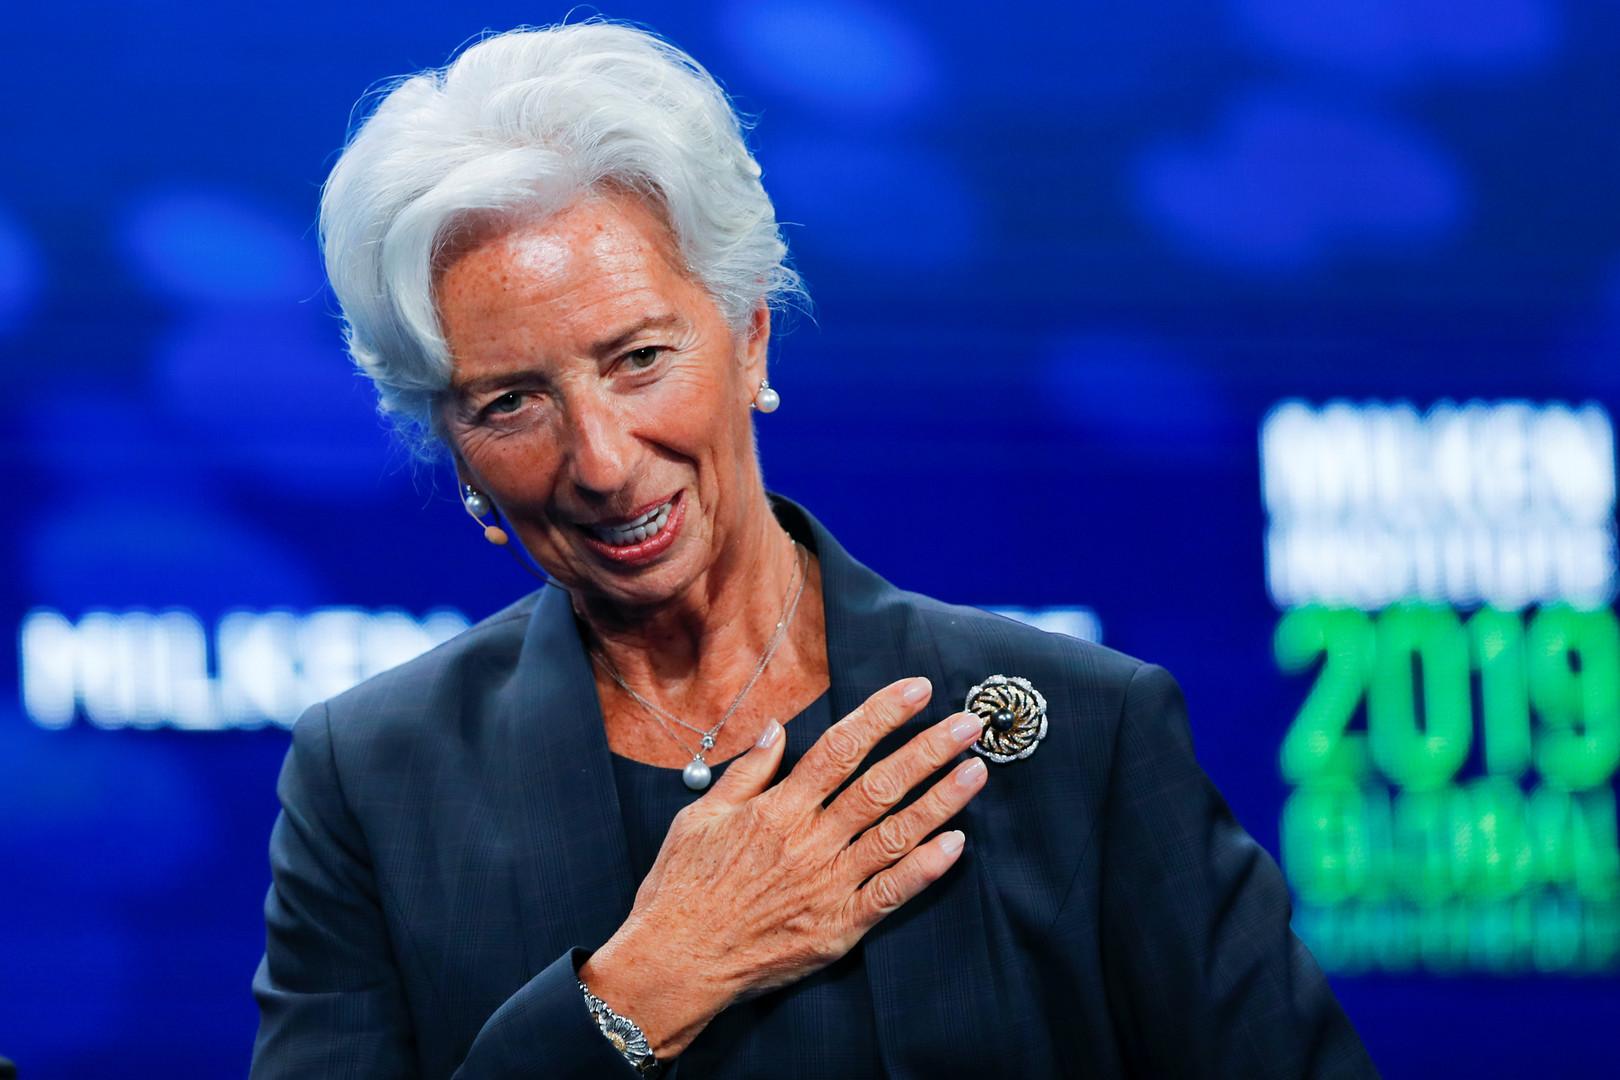 لاغارد رئيسة جديدة للبنك المركزي الأوروبي